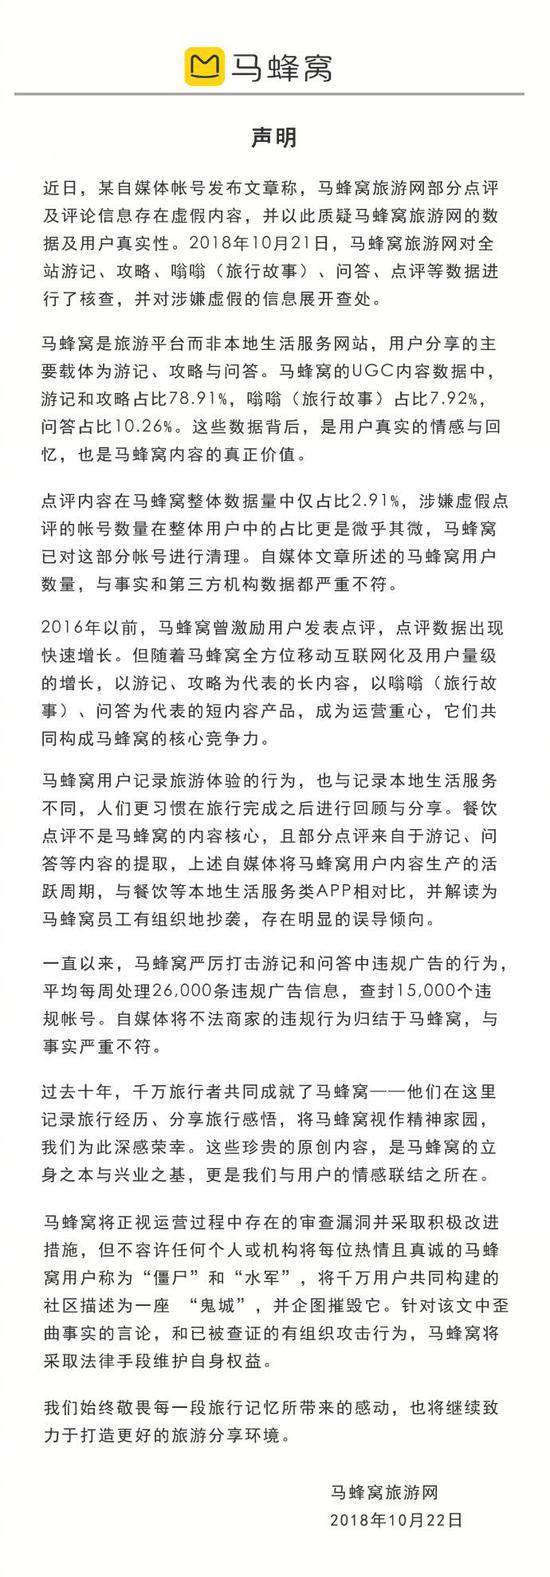 马蜂窝发回应评论造假:已被查证有组织攻击